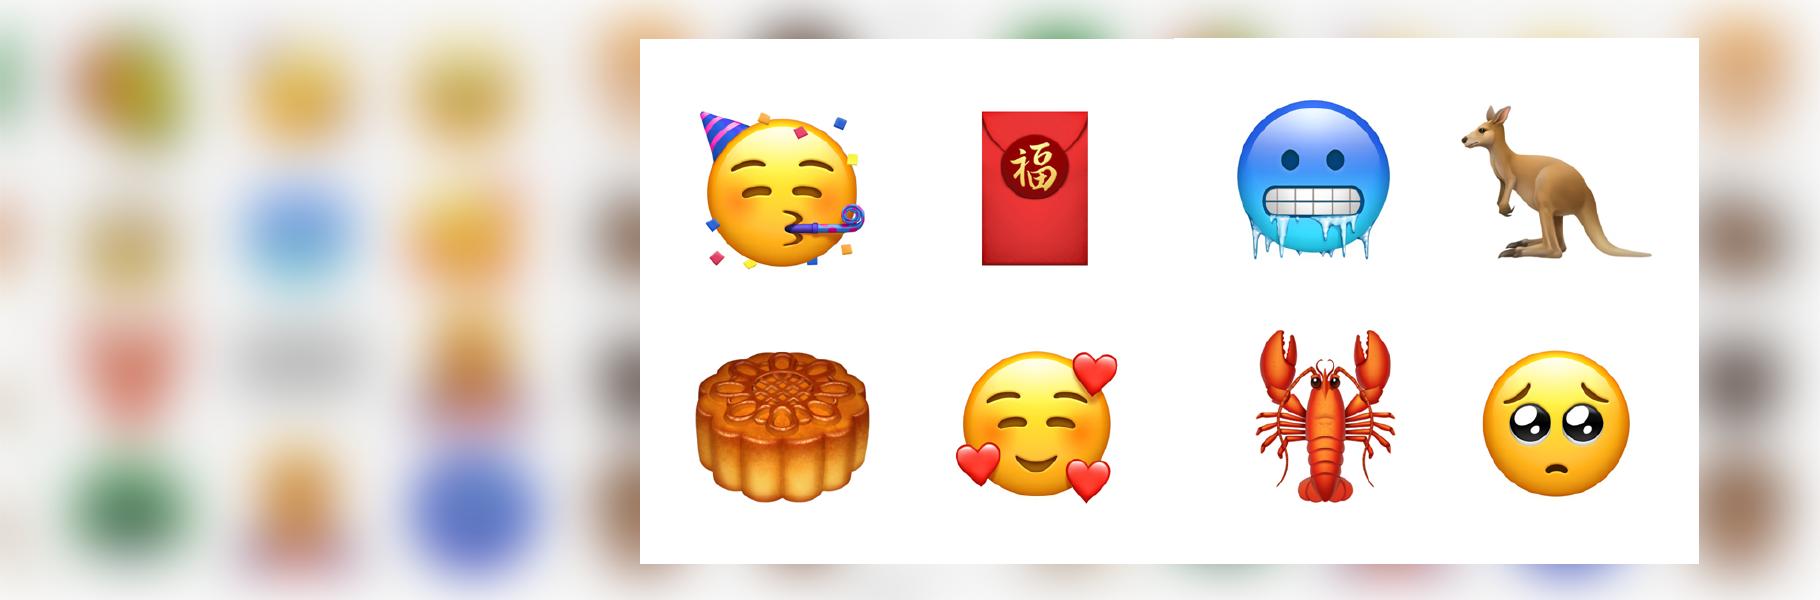 Los nuevos emojis que Apple sacará para el iOS 12.1